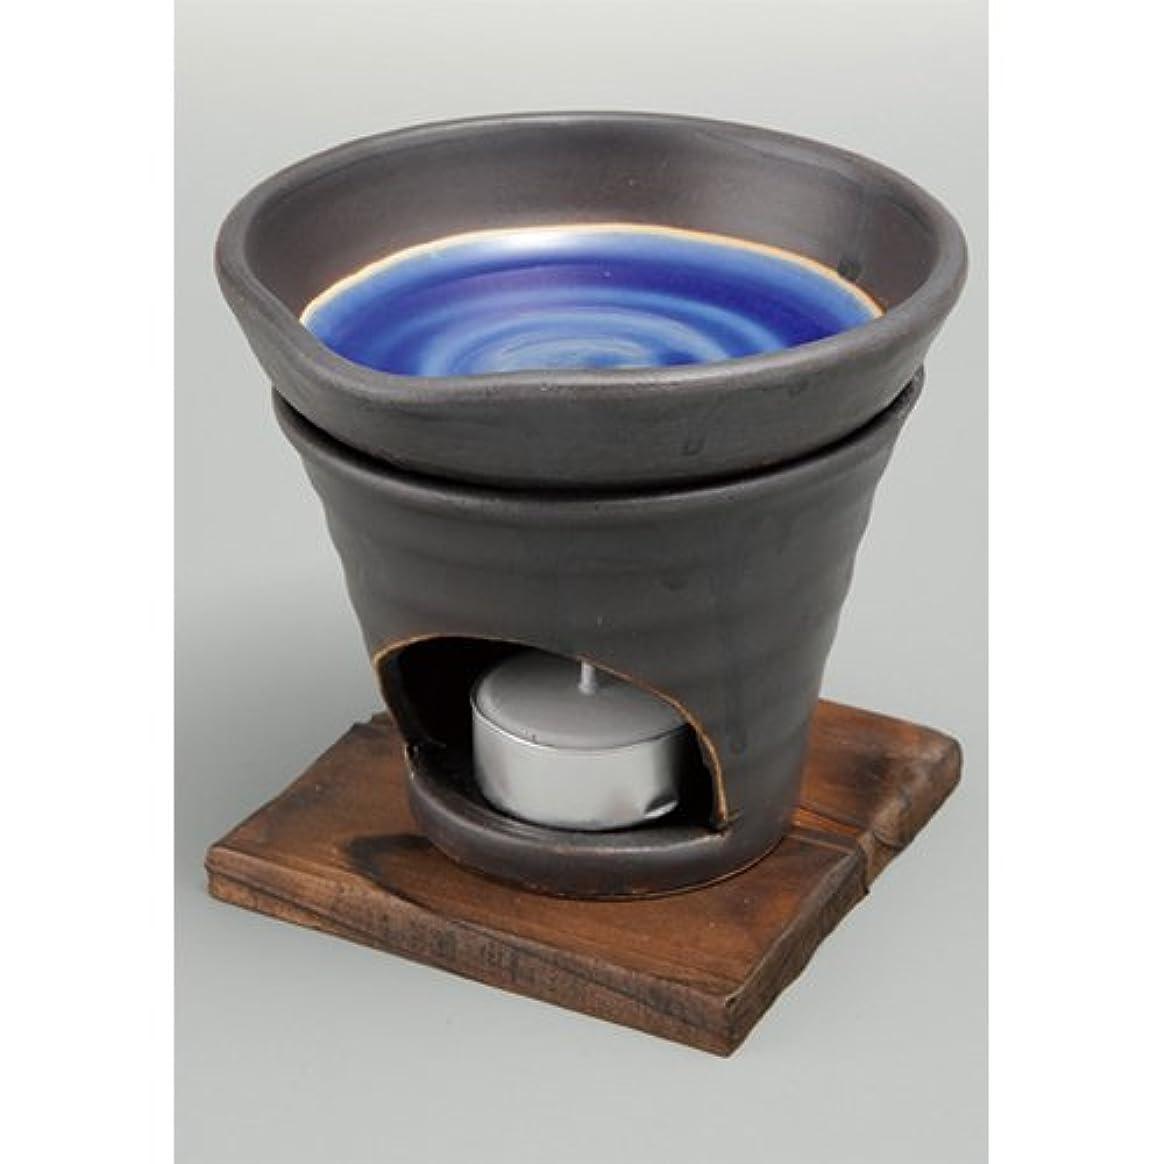 手を差し伸べる民間人望ましい香炉 黒釉 茶香炉(青) [R11.8xH11.5cm] HANDMADE プレゼント ギフト 和食器 かわいい インテリア